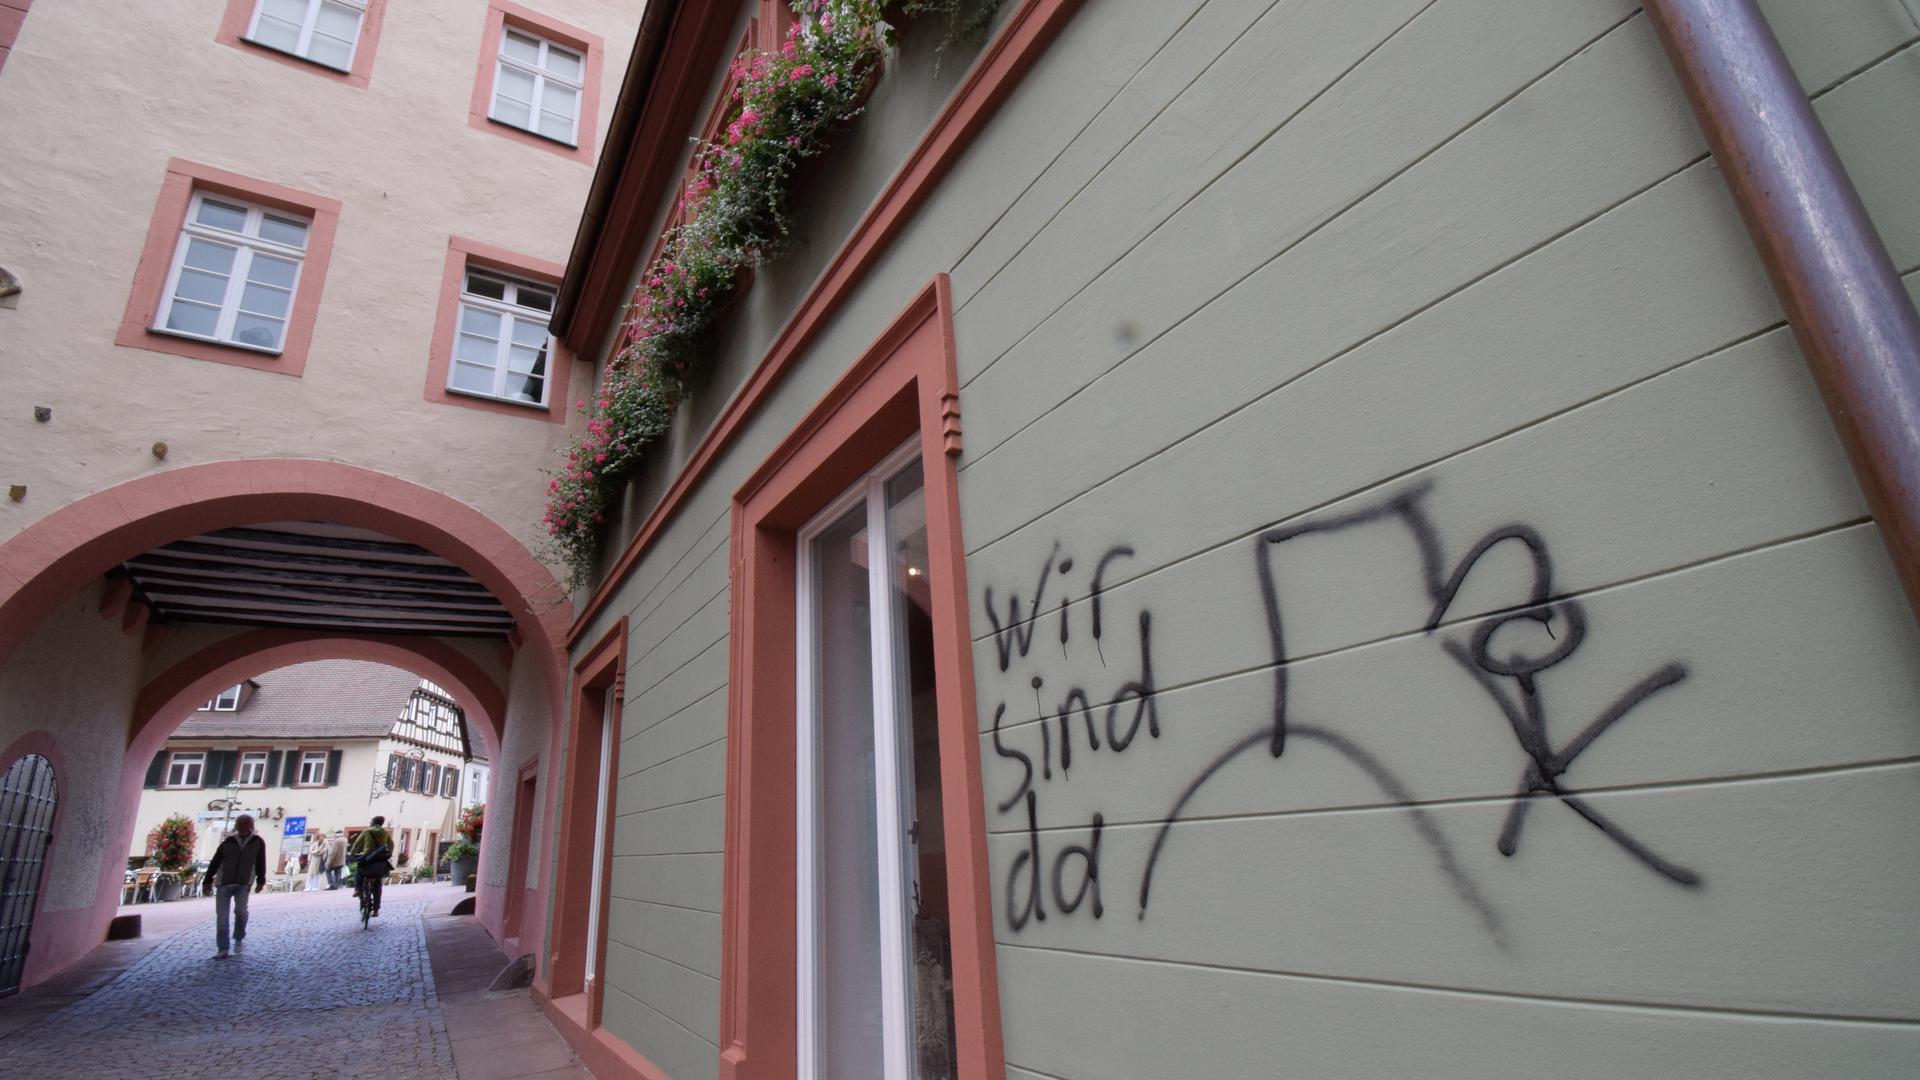 Drohung an der Wand zu den Ratsstuben: Ein 37-Jähriger hat nachts in Ettlingen Hauswände und Wahlplakate mit Schmierereien versehen.